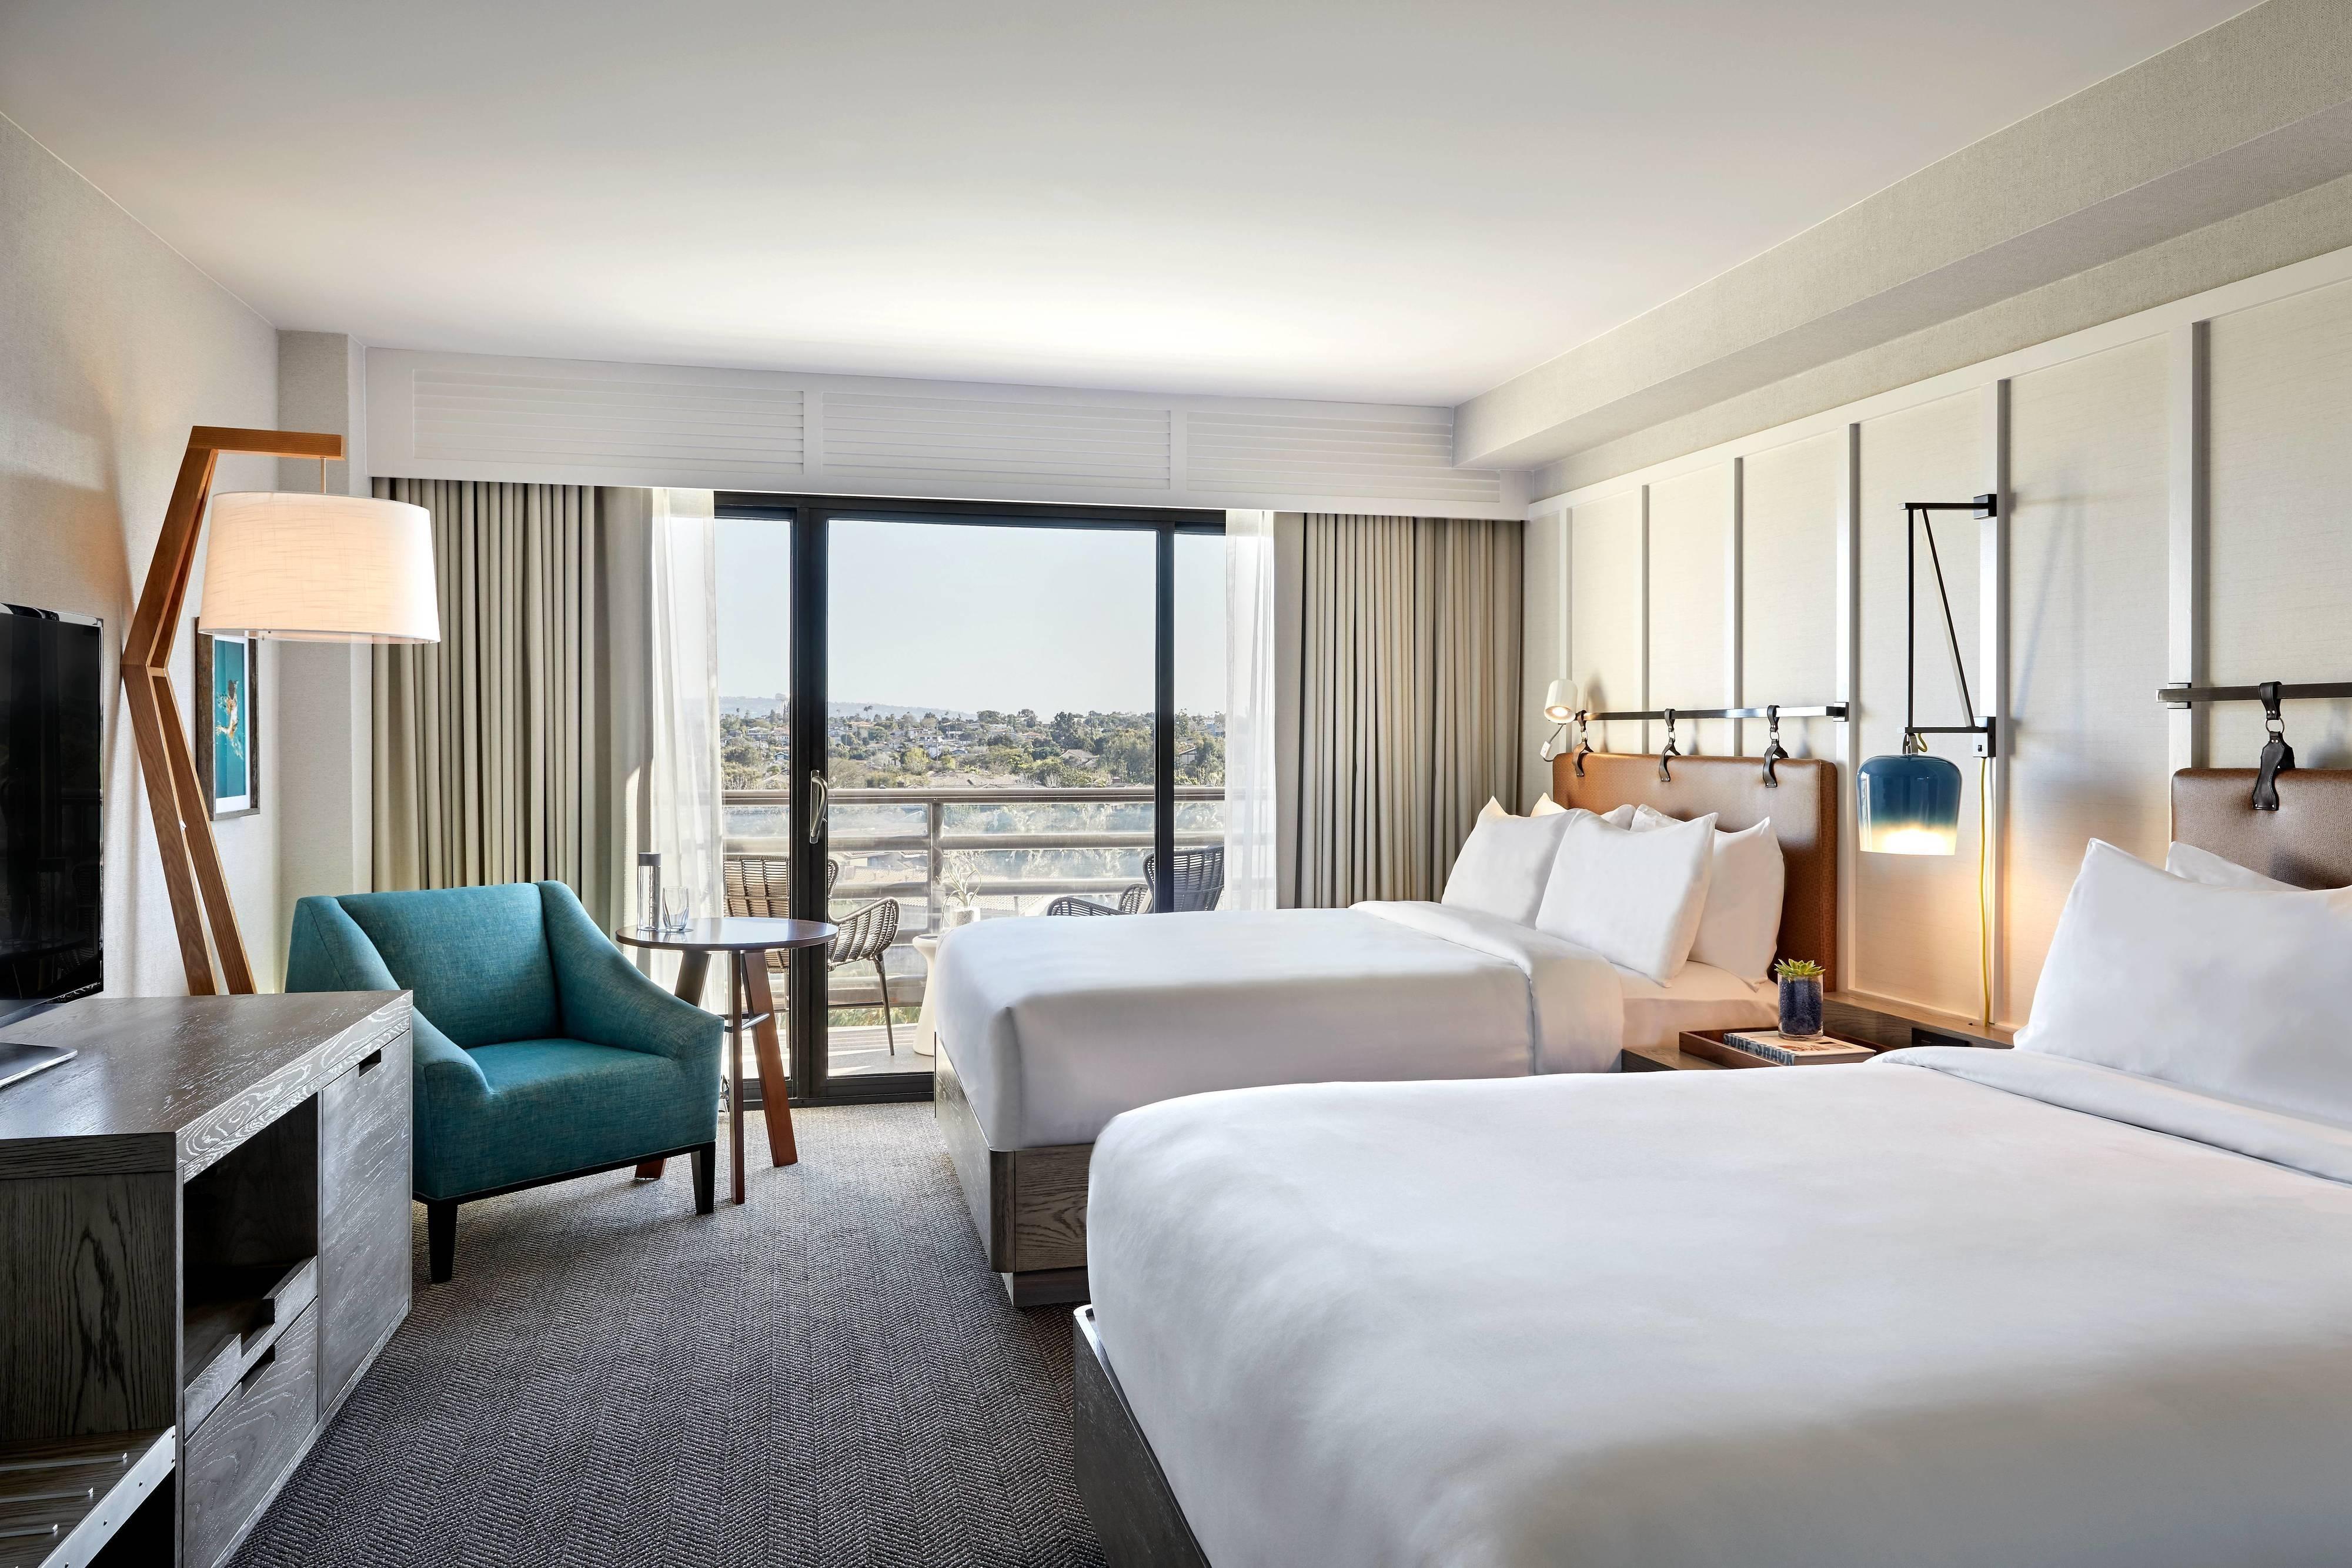 Gästezimmer mit zwei Queensize-Betten und Blick auf den Golfplatz